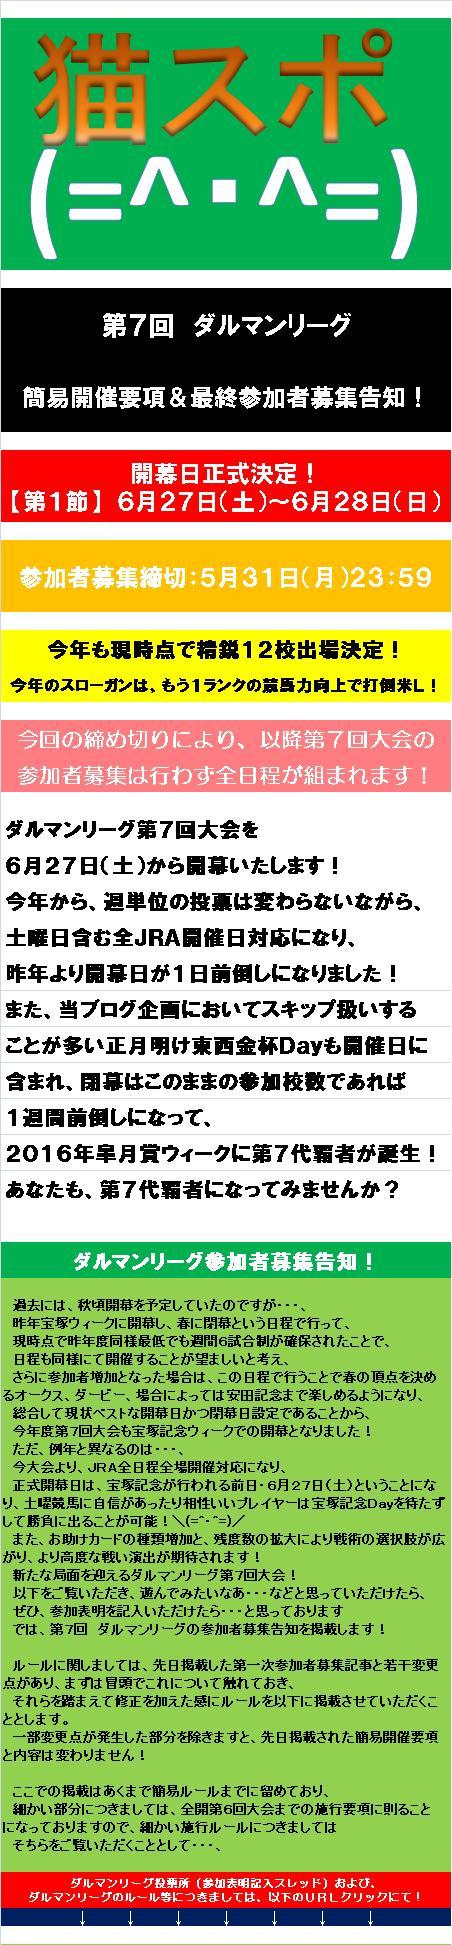 20150512・ダルマンリーグ第7回大会最終告知①修正A.jpg